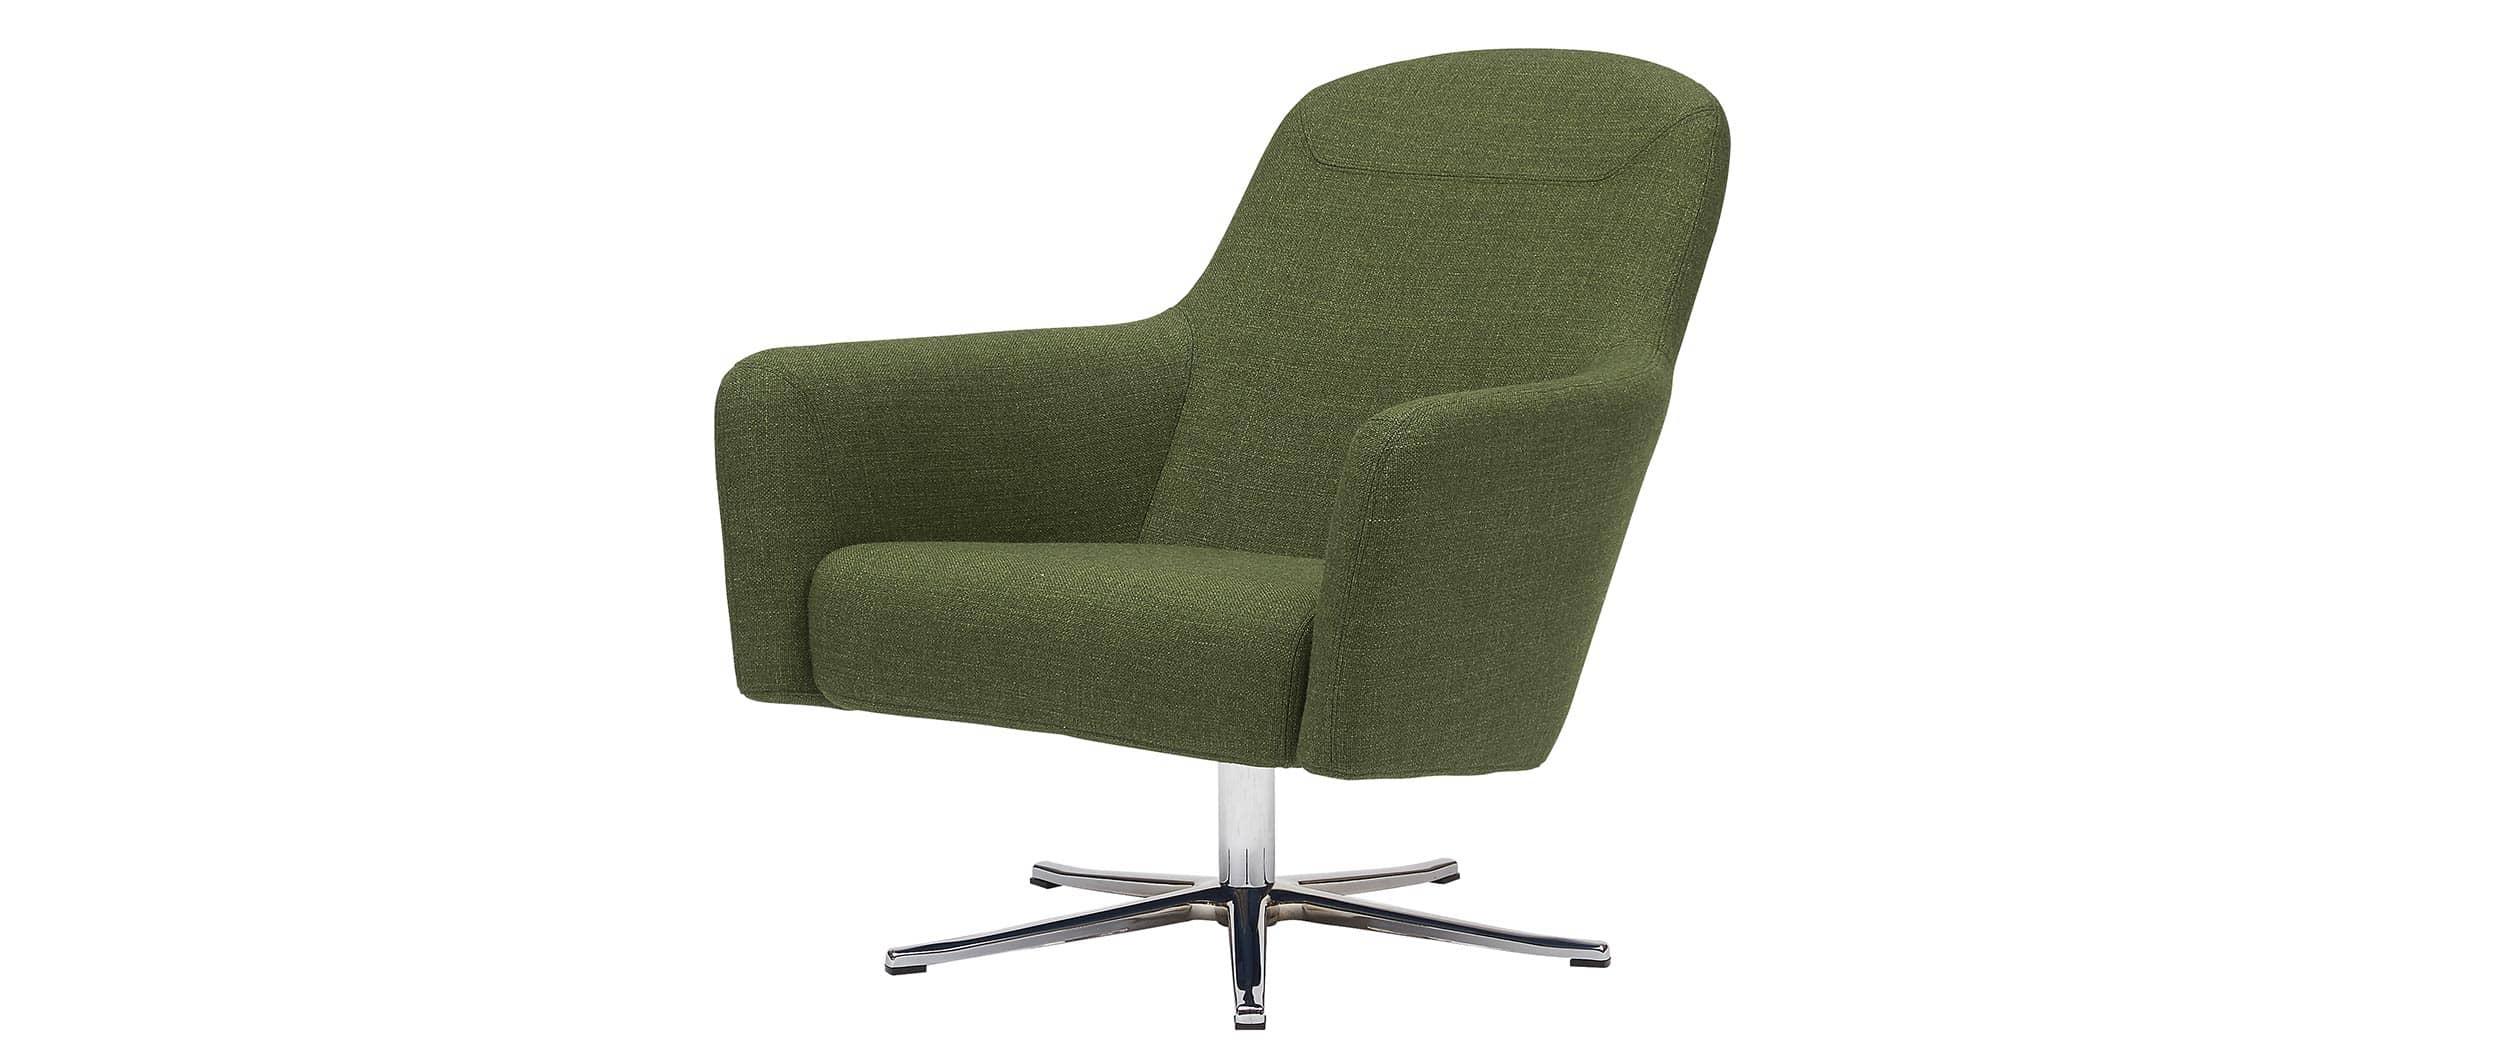 softline havana low loungesessel mit 4 f en oder drehgestell. Black Bedroom Furniture Sets. Home Design Ideas